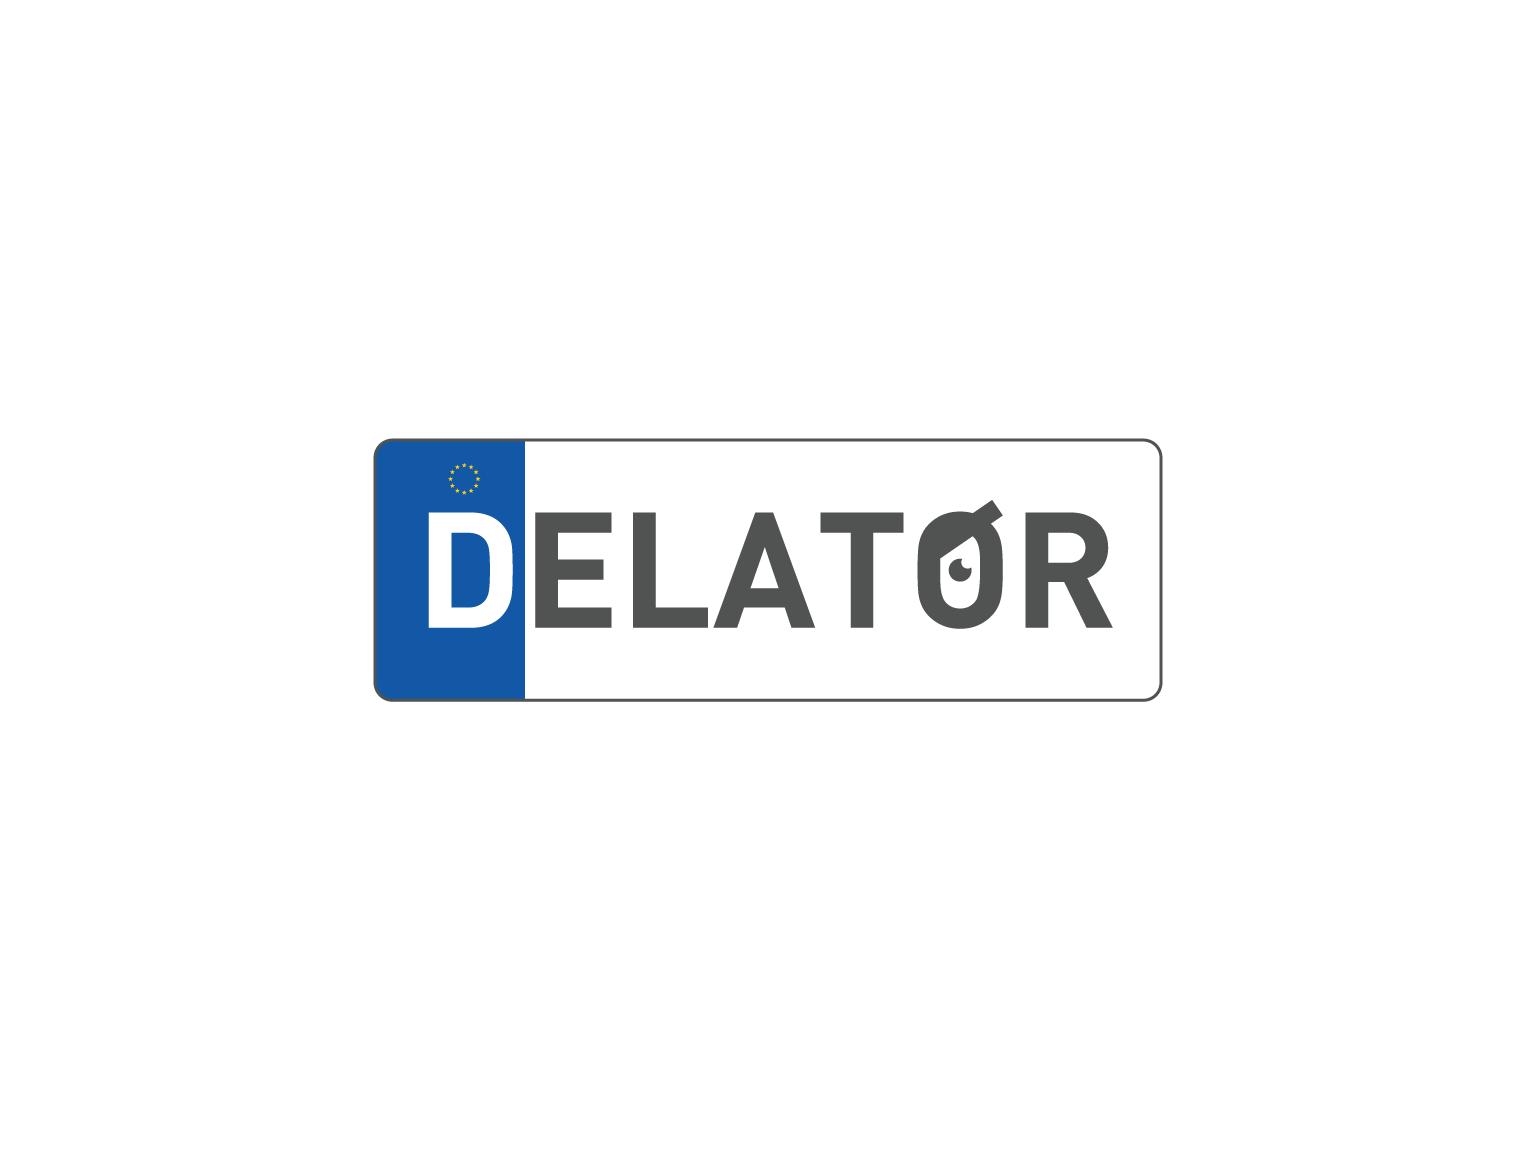 UNE SEMAINE, UNE IDÉE#8 : LE DÉLATOR